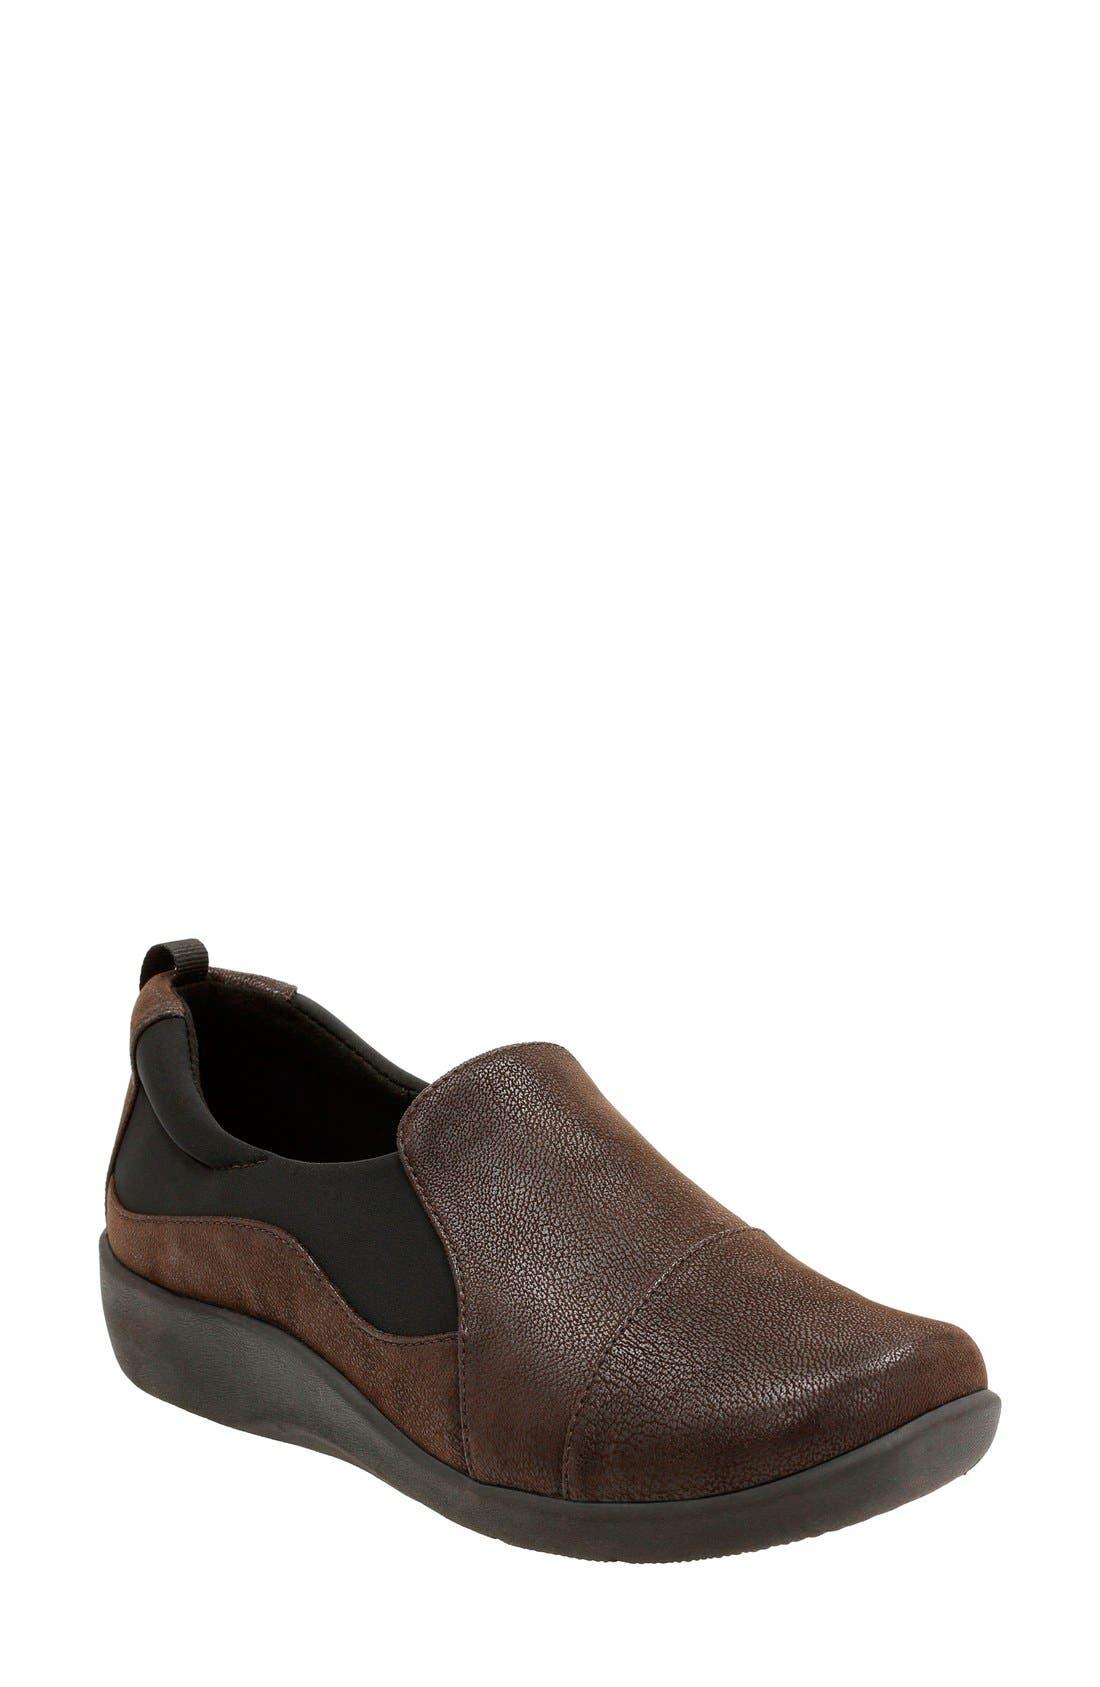 Clarks® 'Sillian Paz' Slip-On Sneaker (Women)